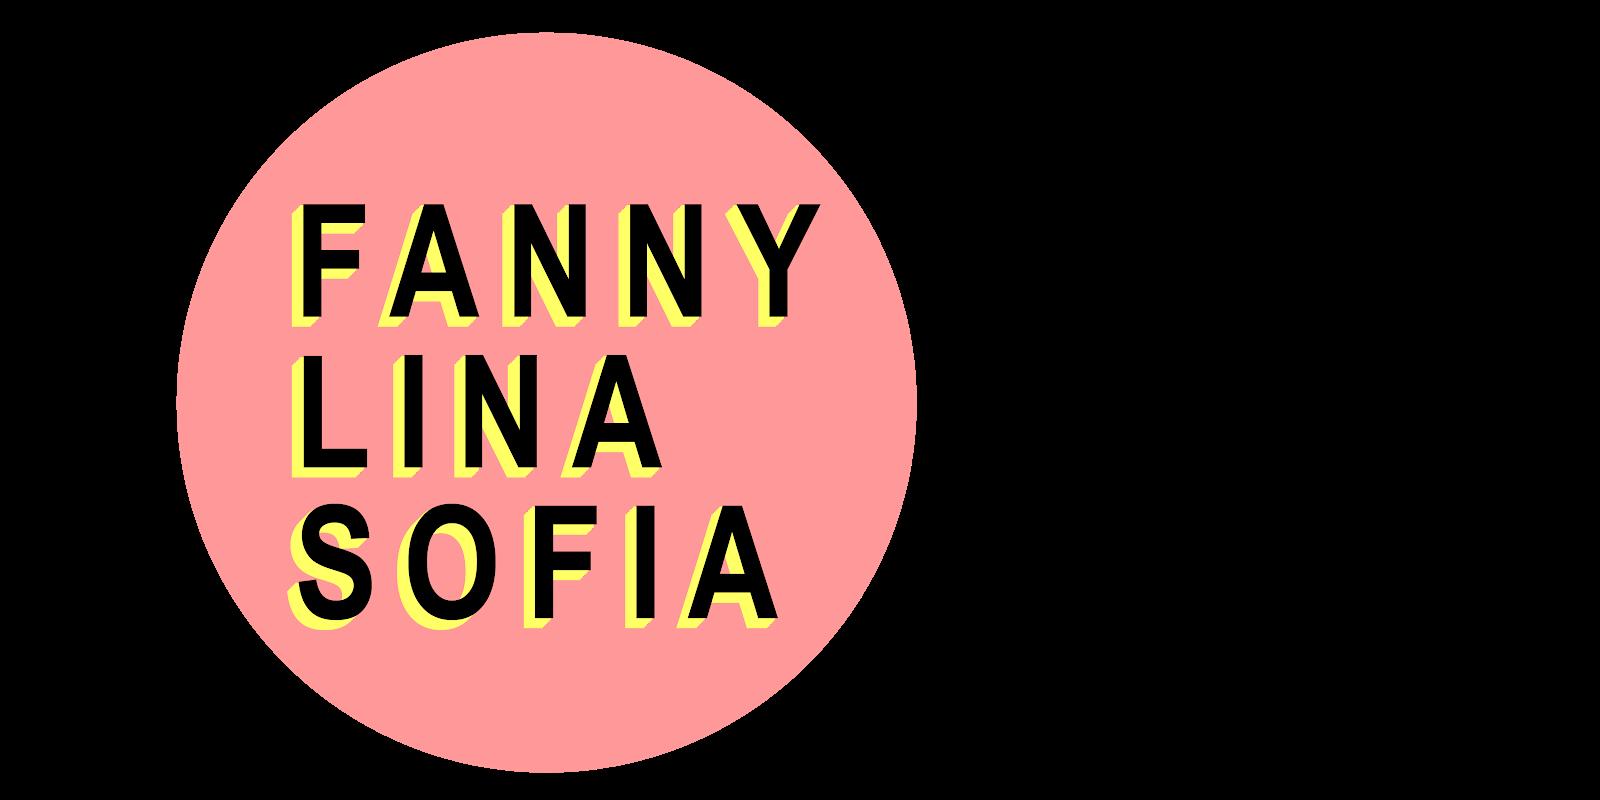 FANNY LINA SOFIA